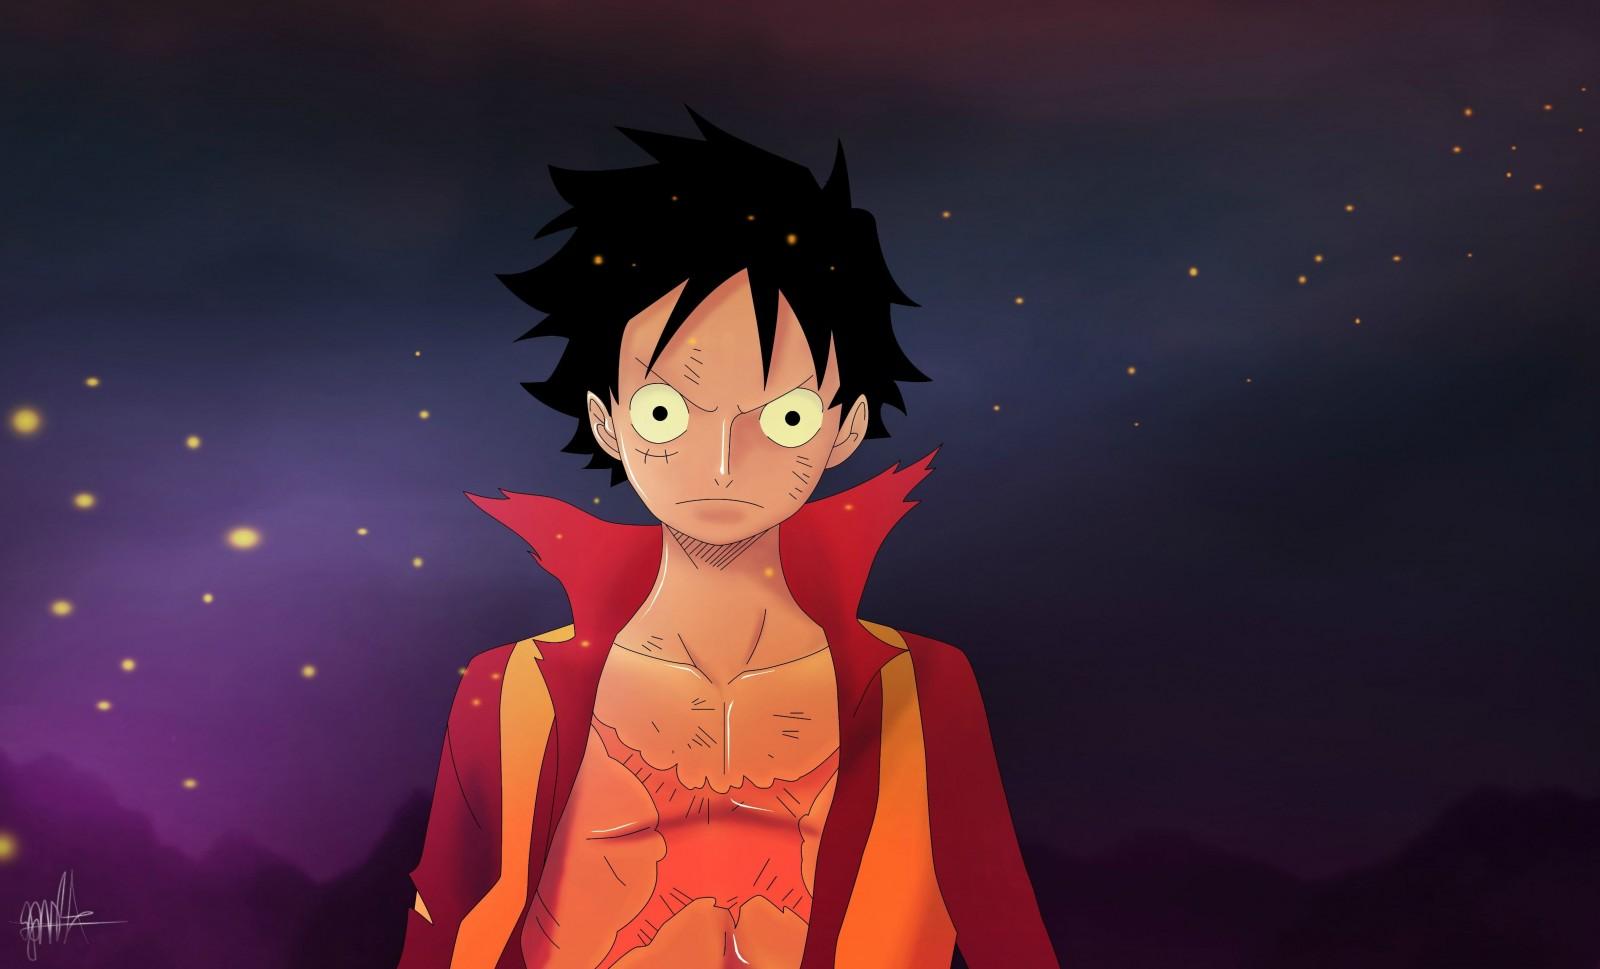 HÌnh ảnh Luffy và bầu trời huyền bí